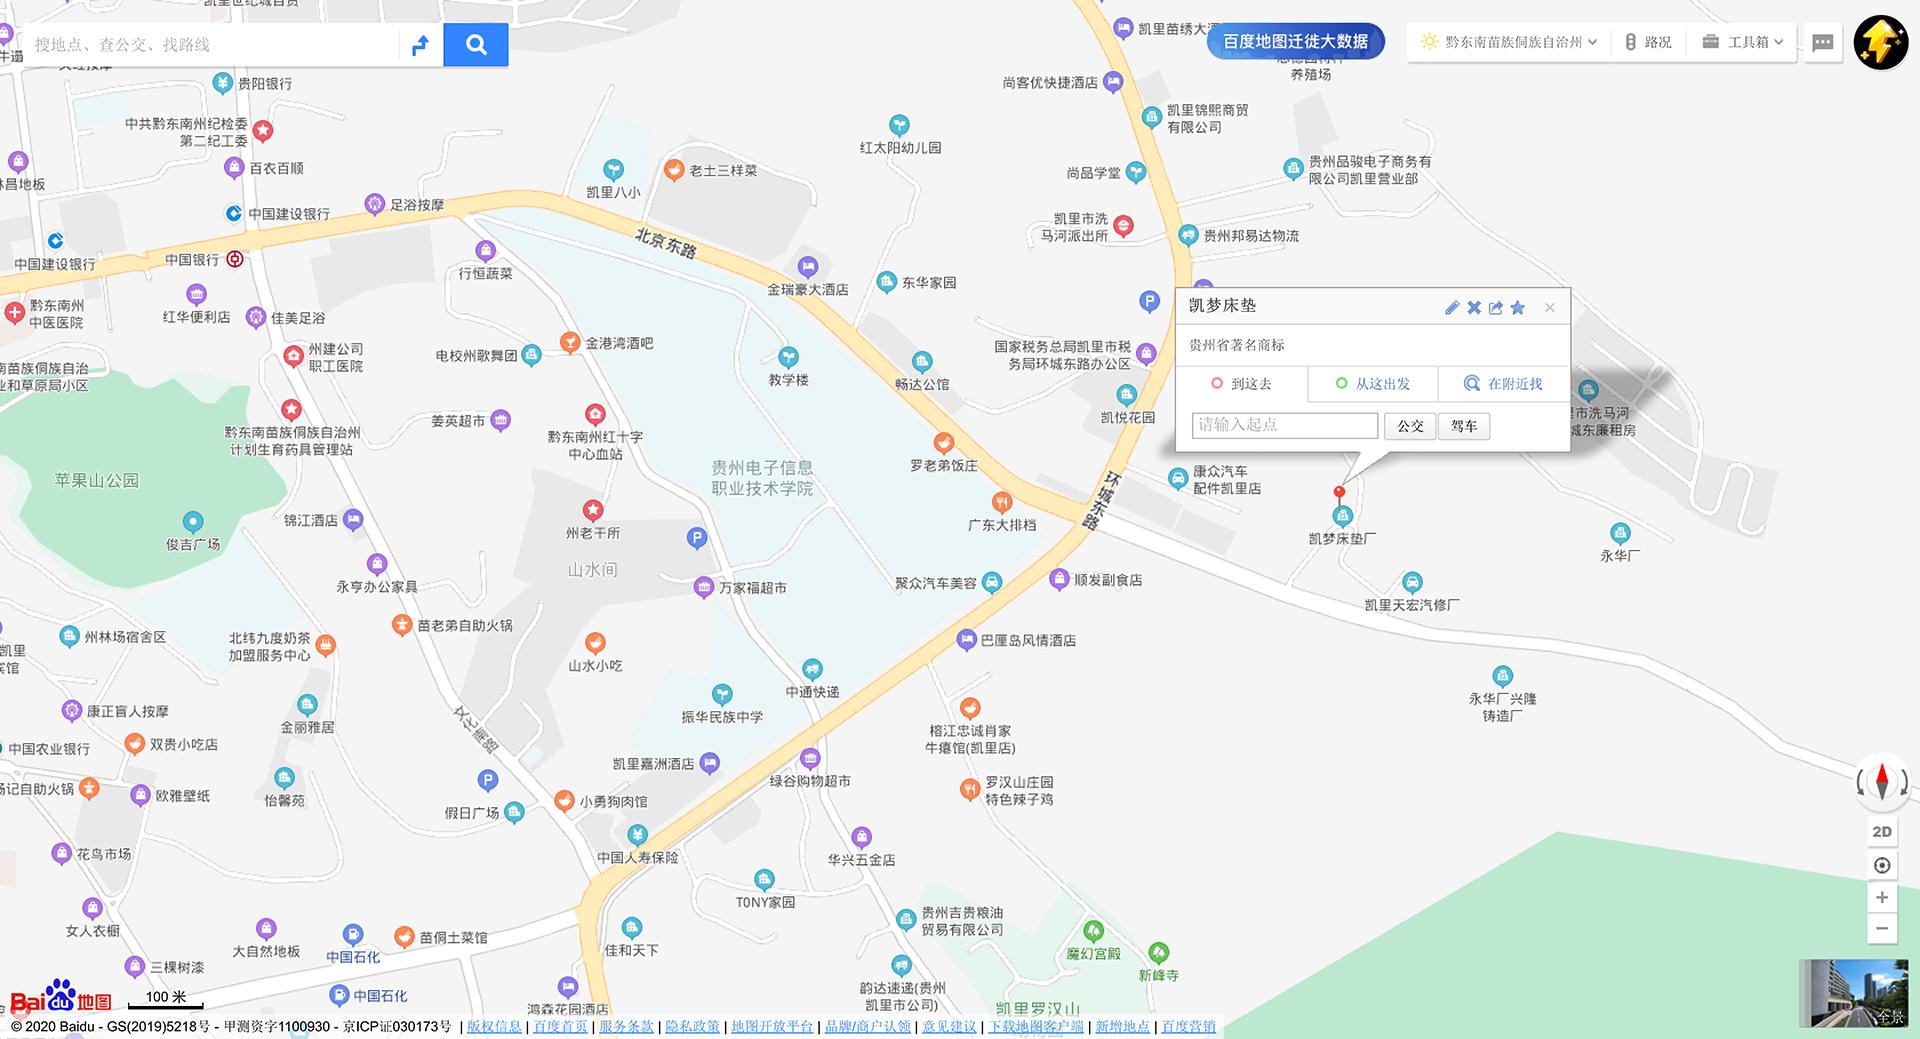 凯梦下载环球体育app百度地图